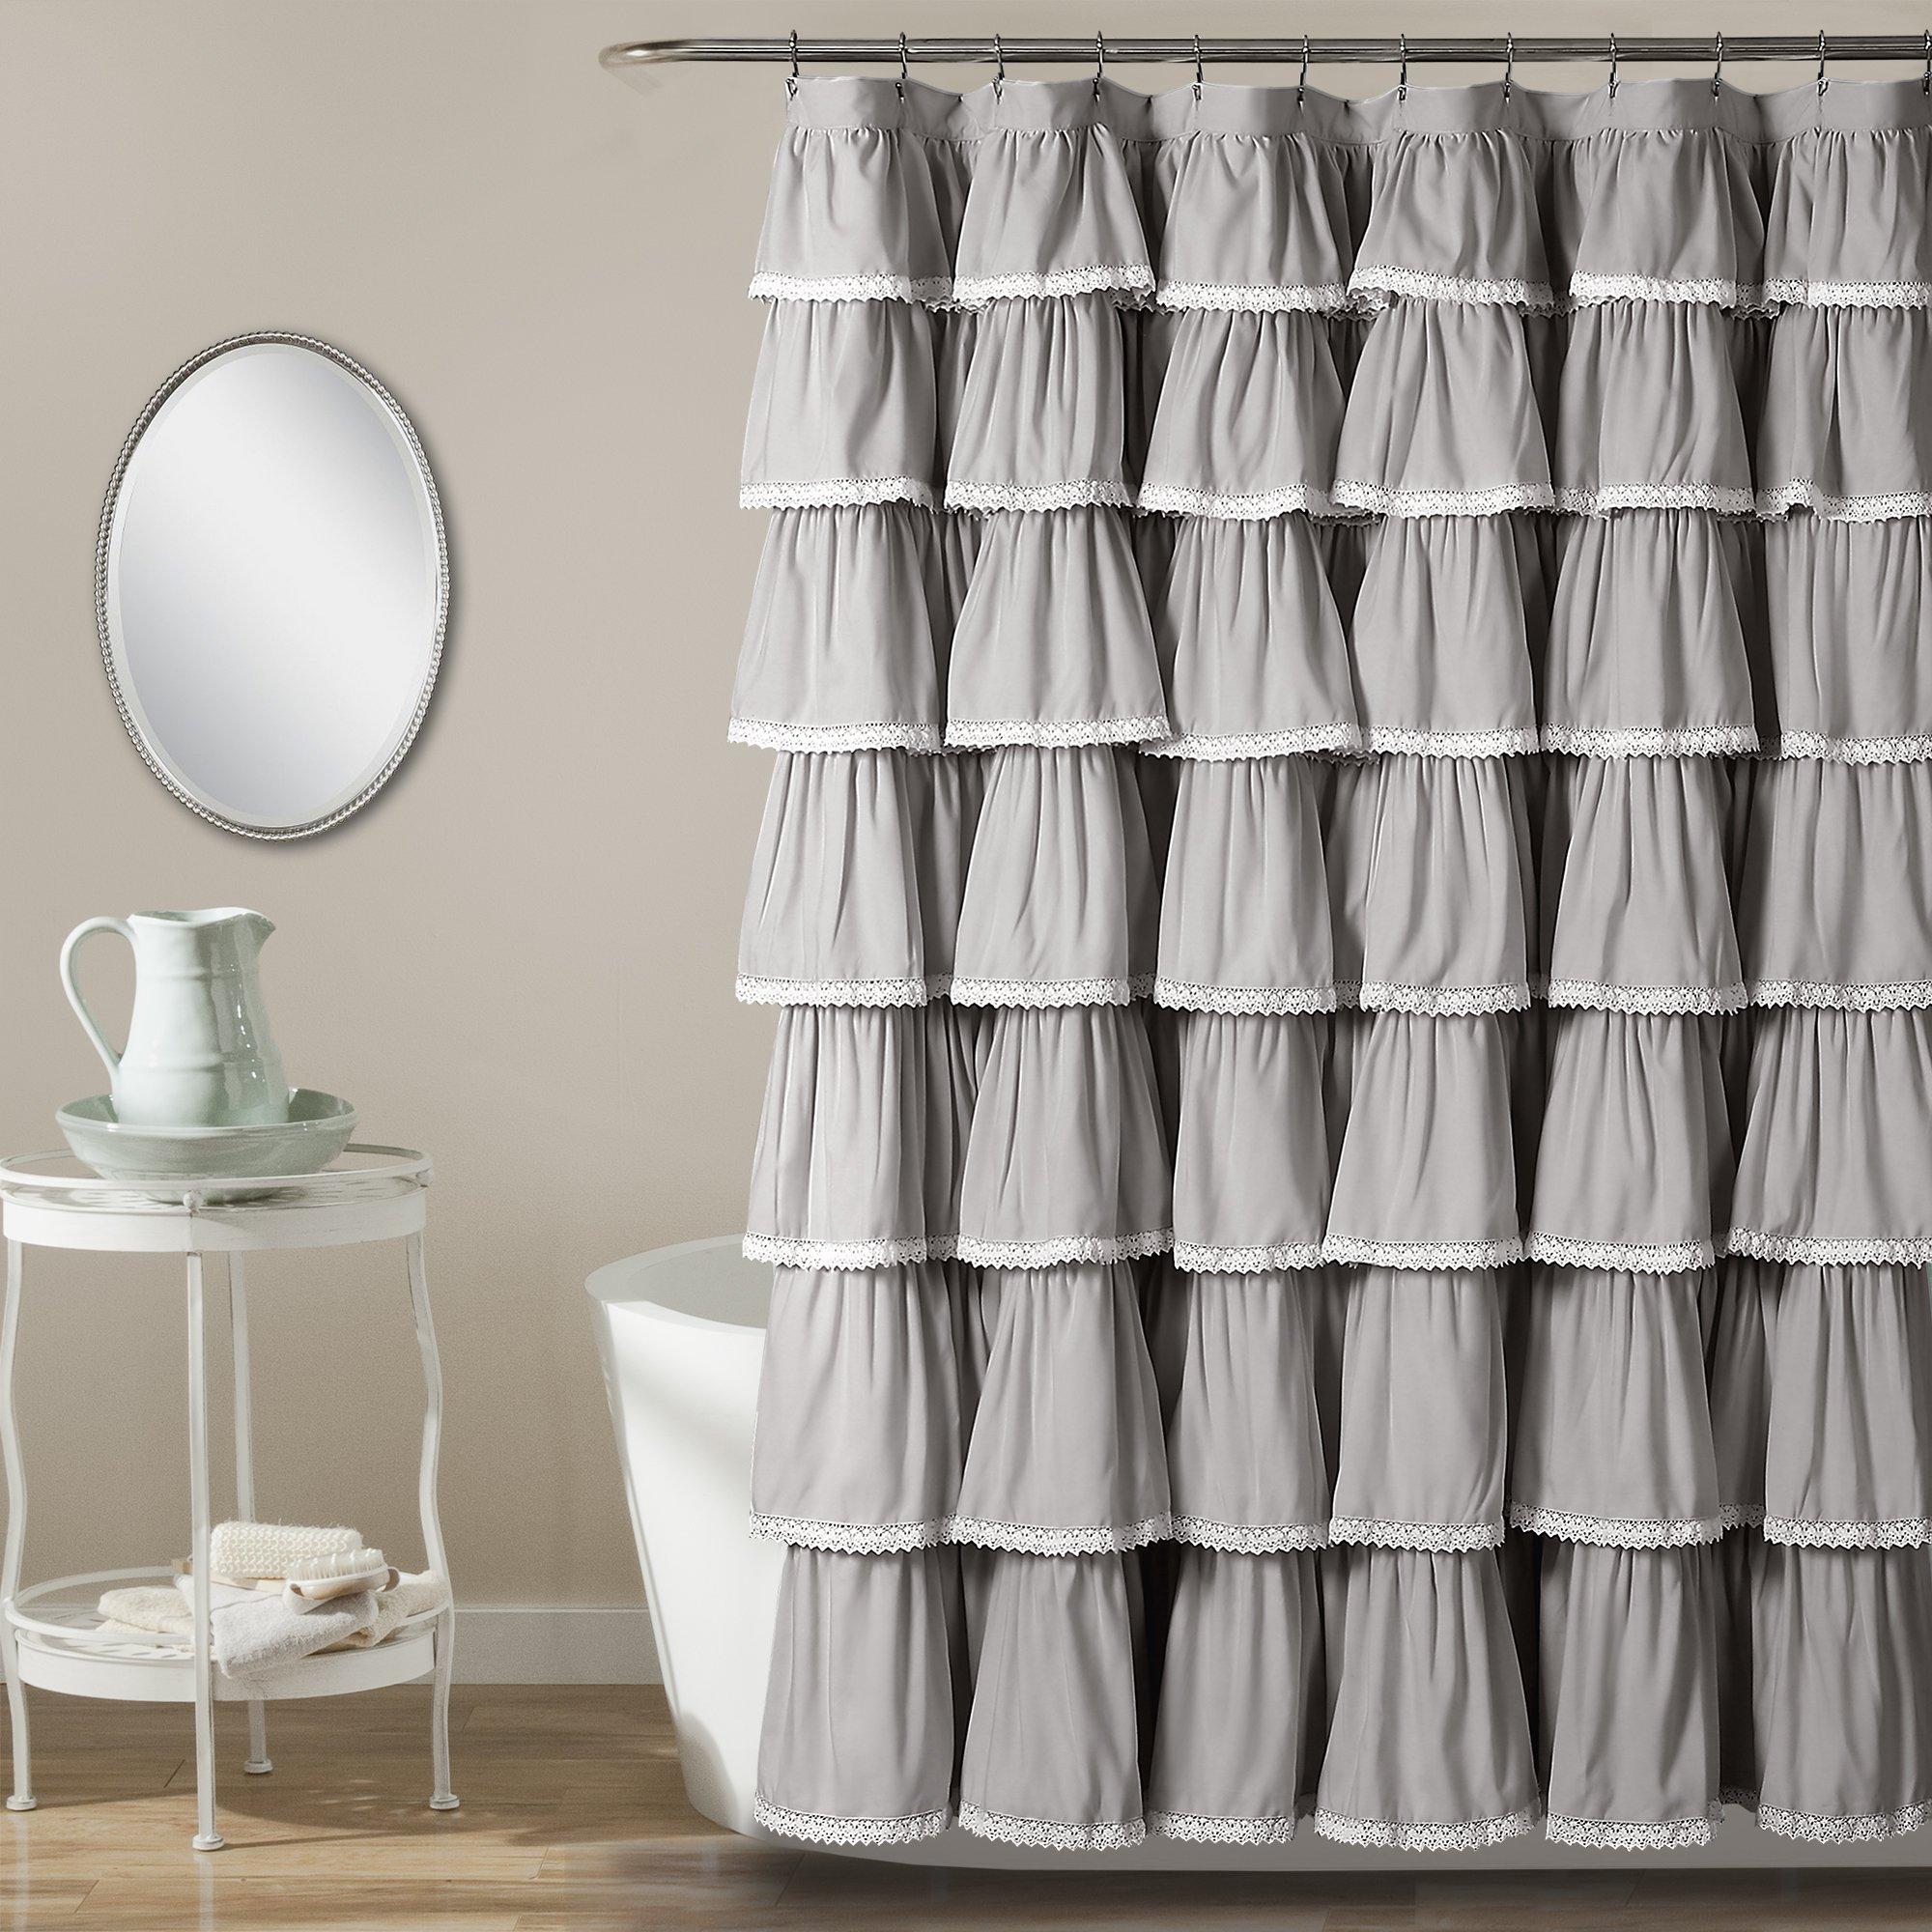 Lush Decor Lace Ruffle Shower Curtain, 72'' x 72'', Gray